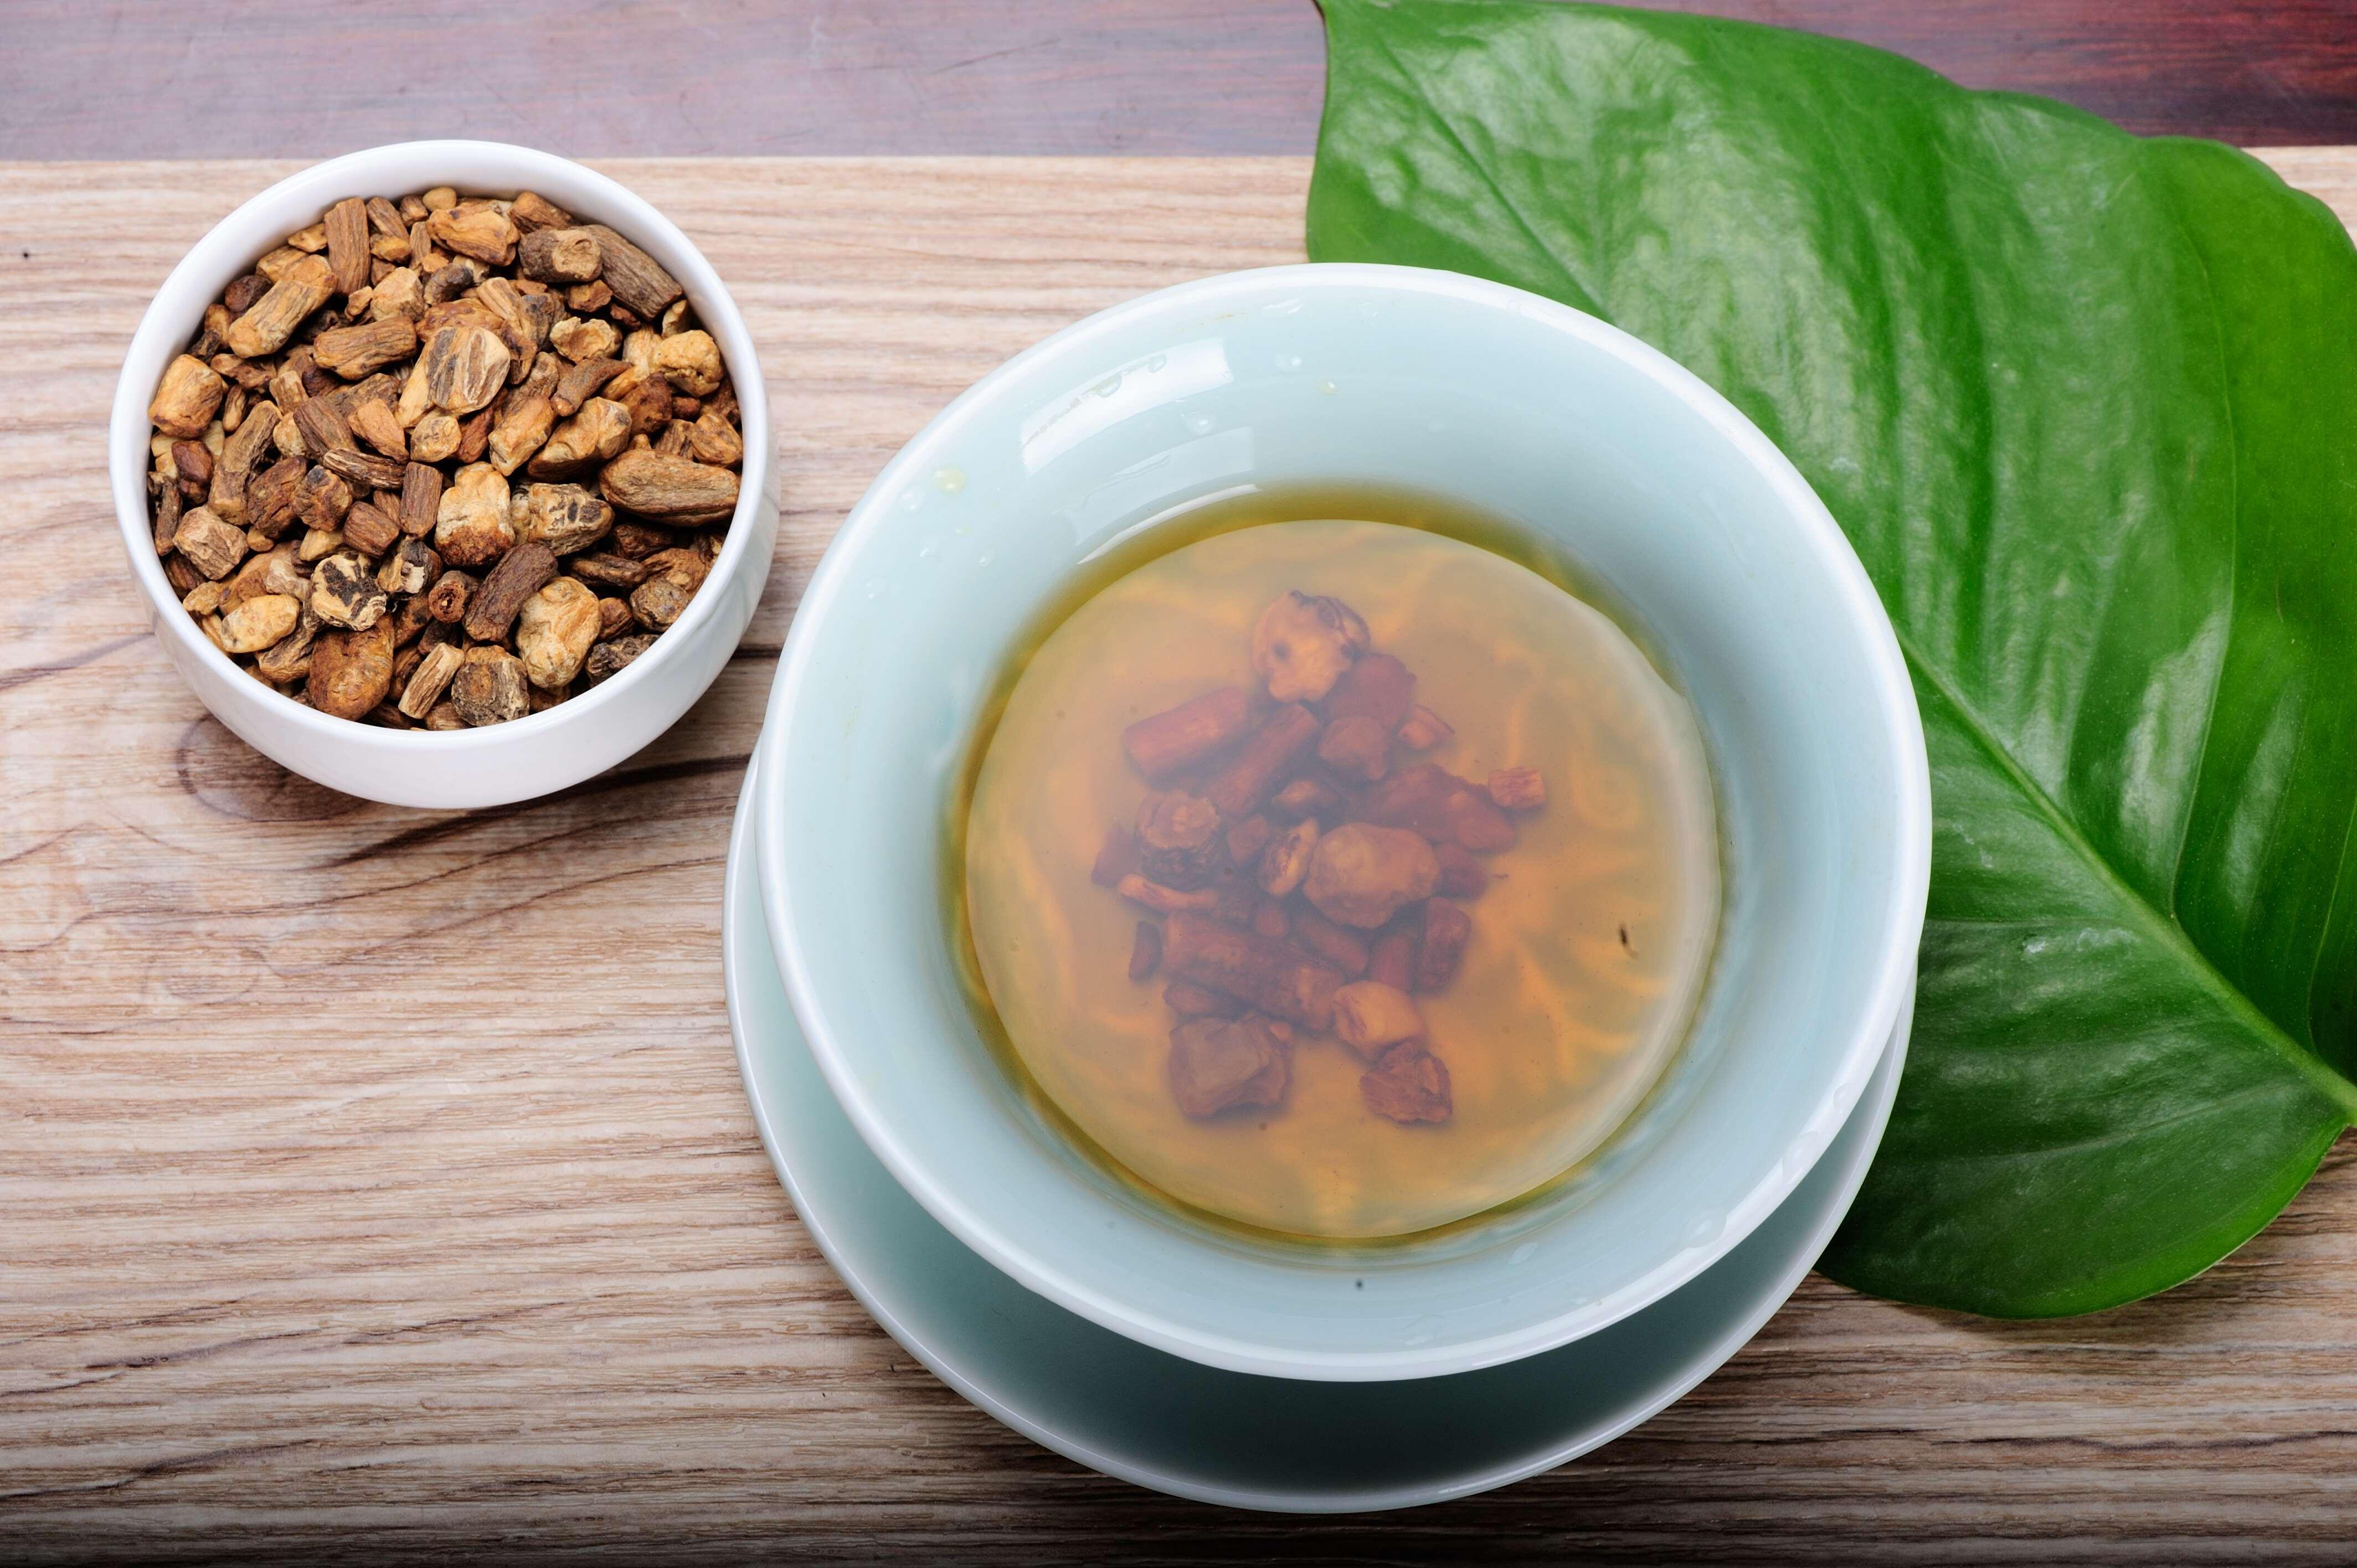 7大食物一款茶饮保护乳房健康 你知道多少?